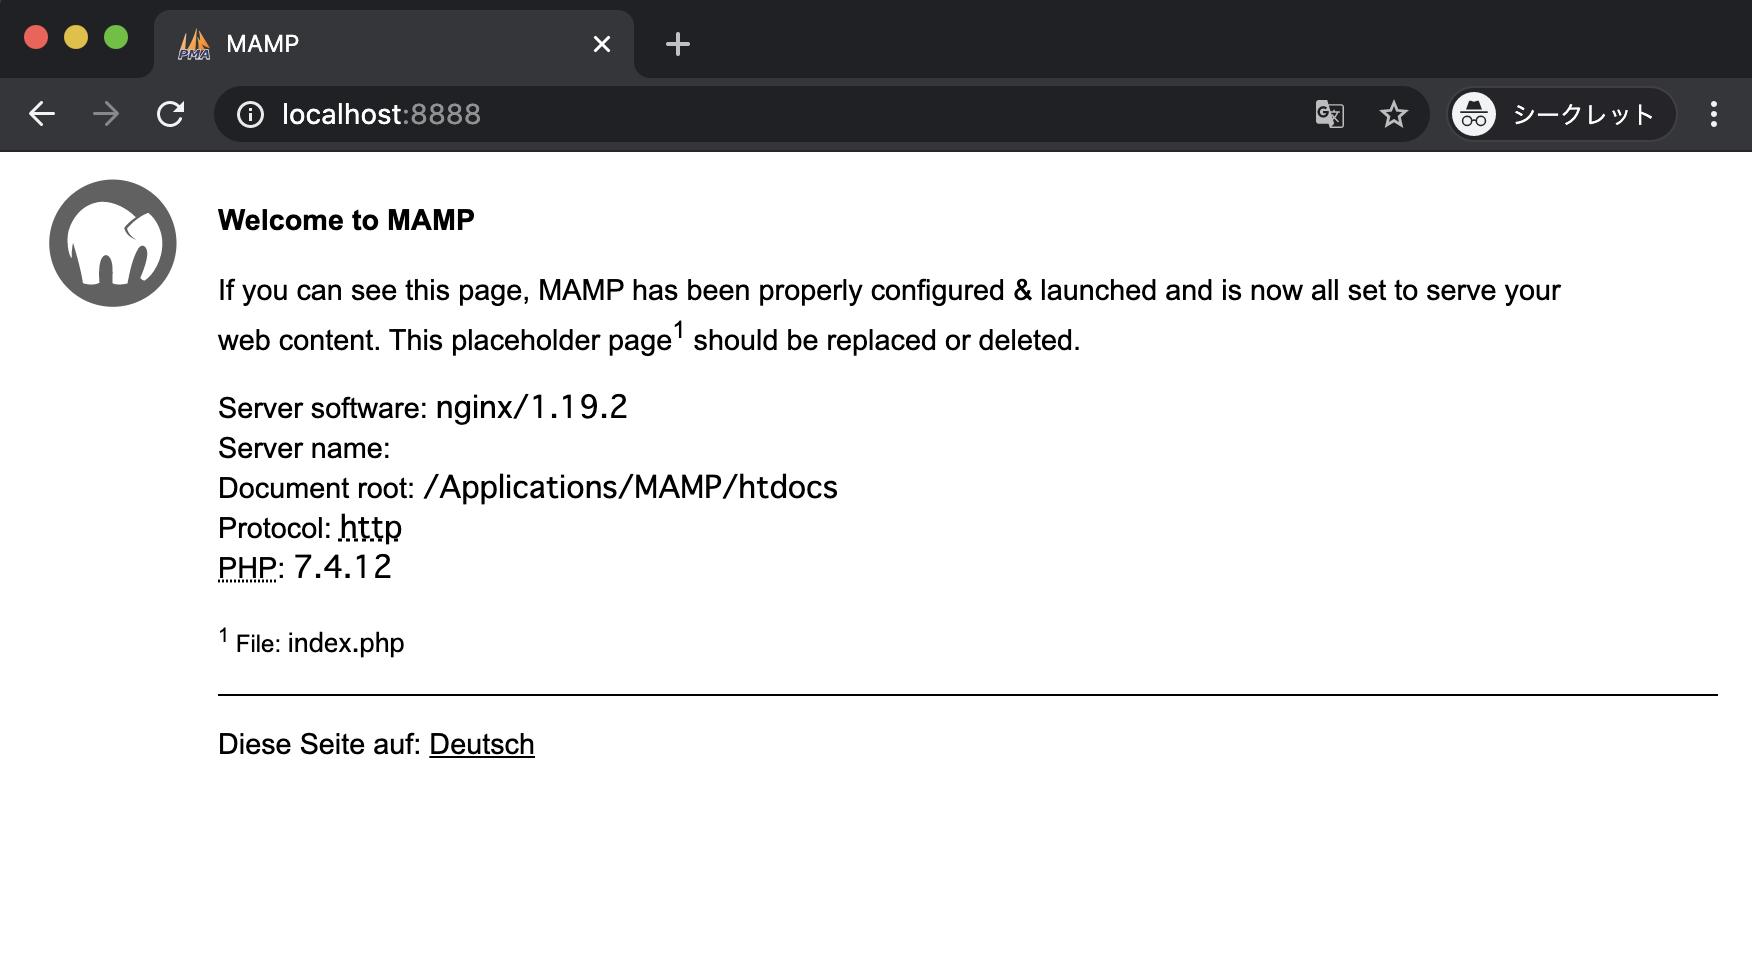 MAMPのindex.phpにアクセス